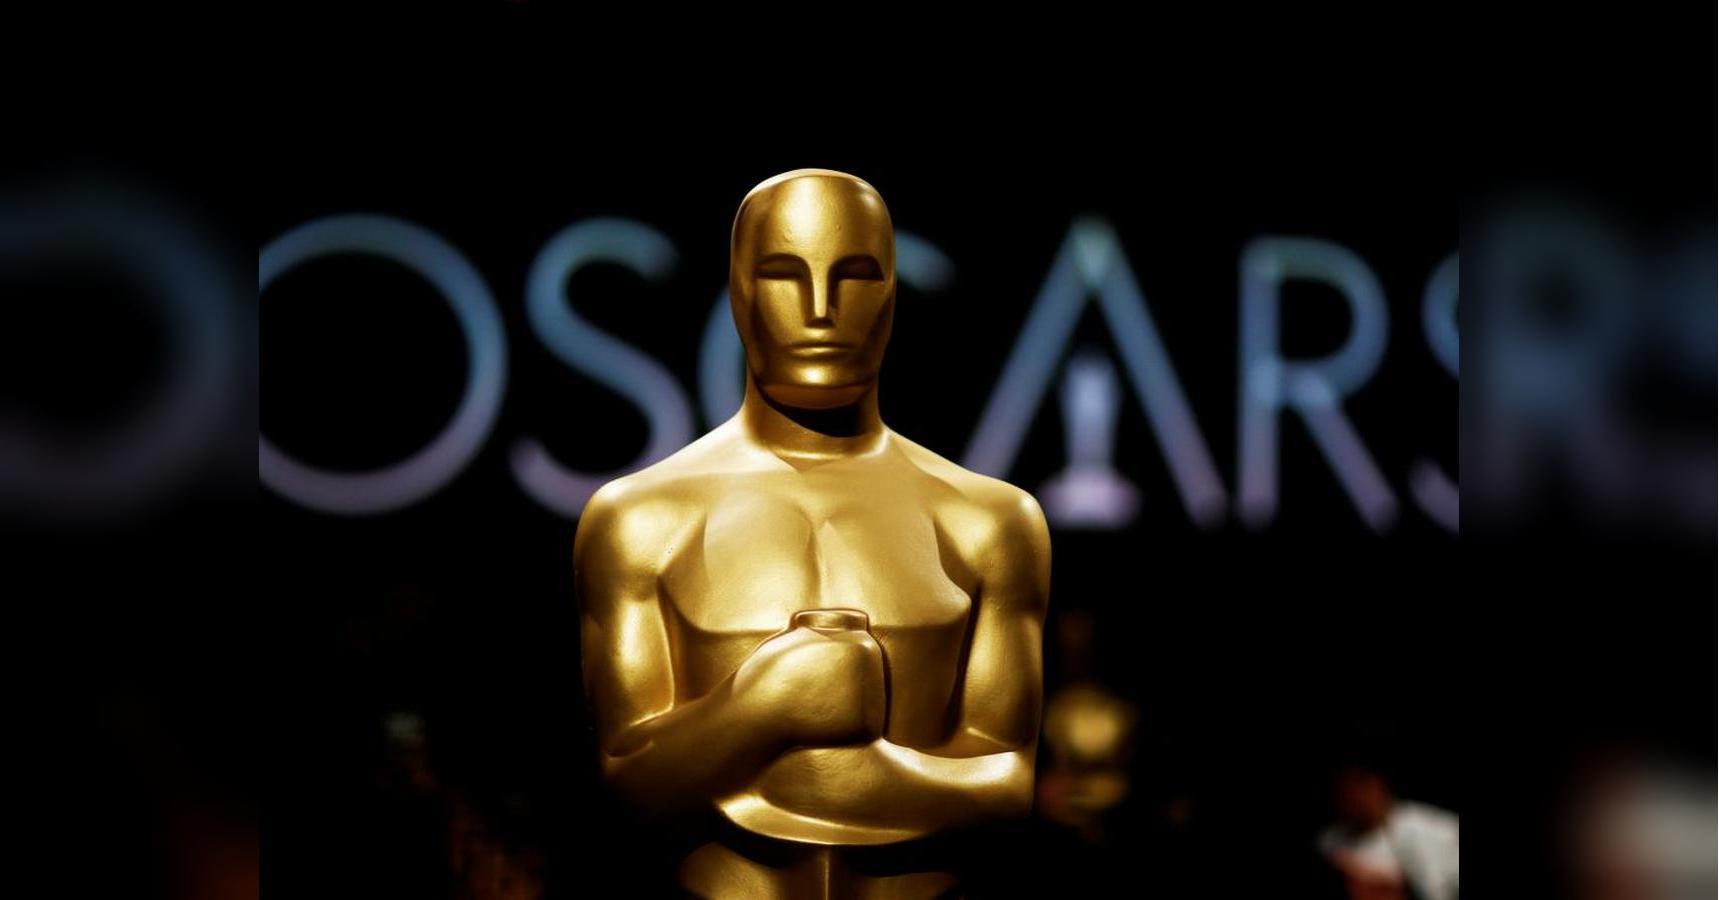 Фильмы, вышедшие только в онлайн, теперь допущены до номинаций «Оскар»